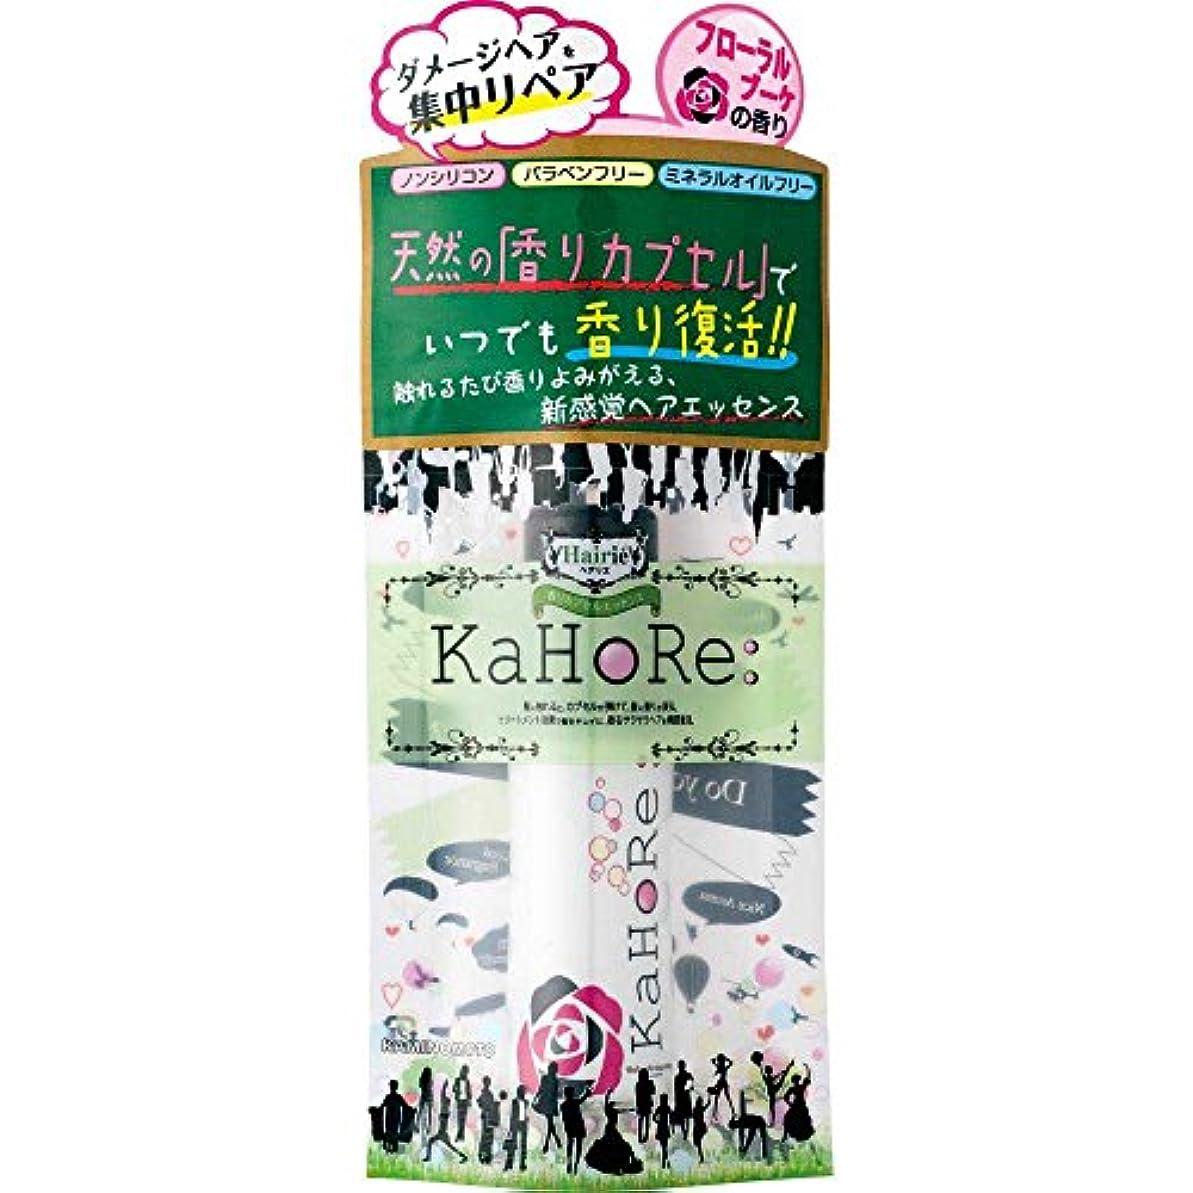 テザーやりがいのある一ヘアリエ KaHoRe ヘアエッセンス フローラルブーケの香り 30g